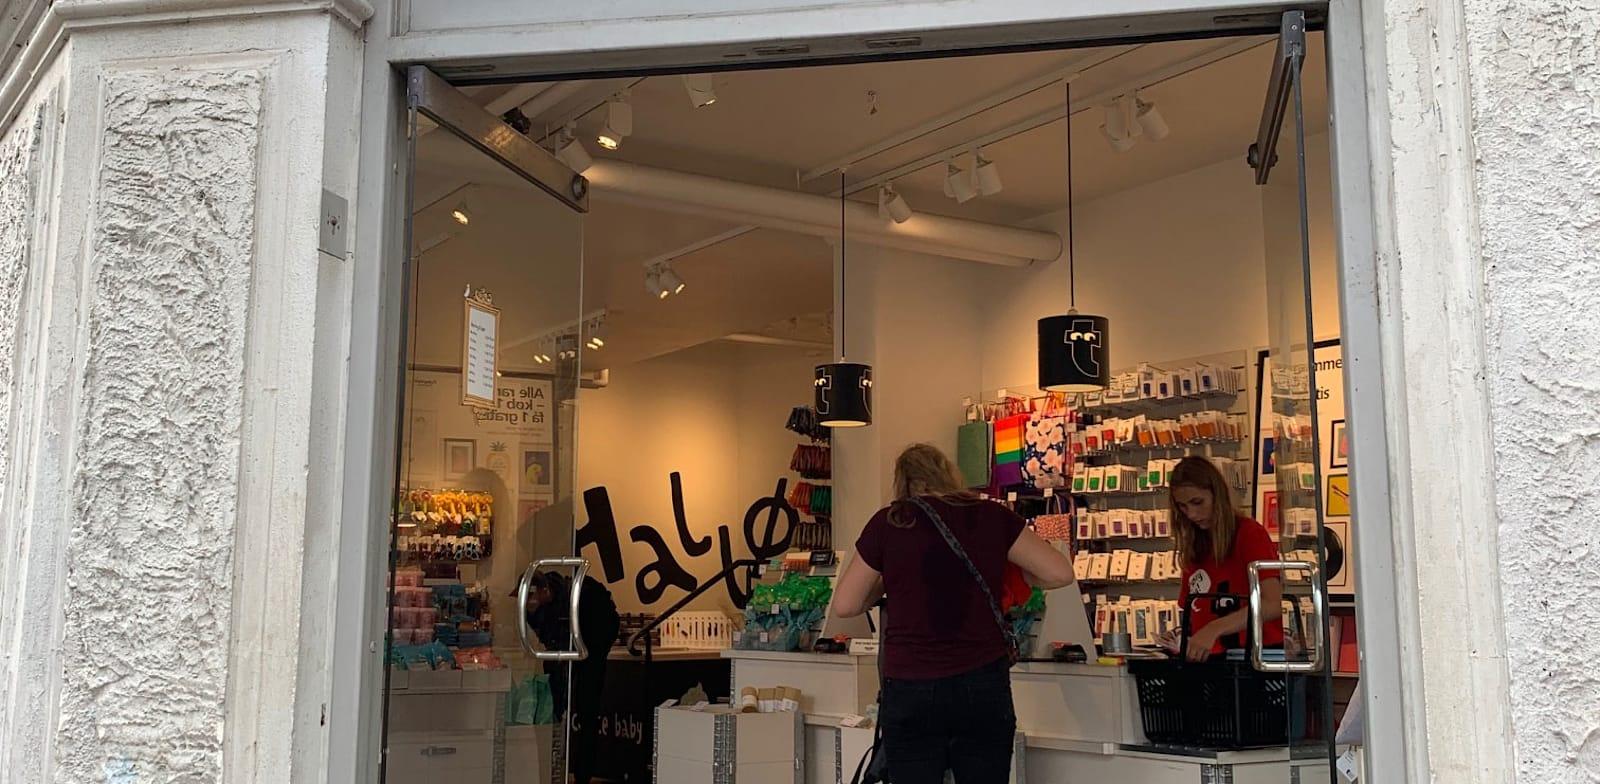 חנות של רשת פליינג טייגר בקופנהגן / צילום: שני מוזס